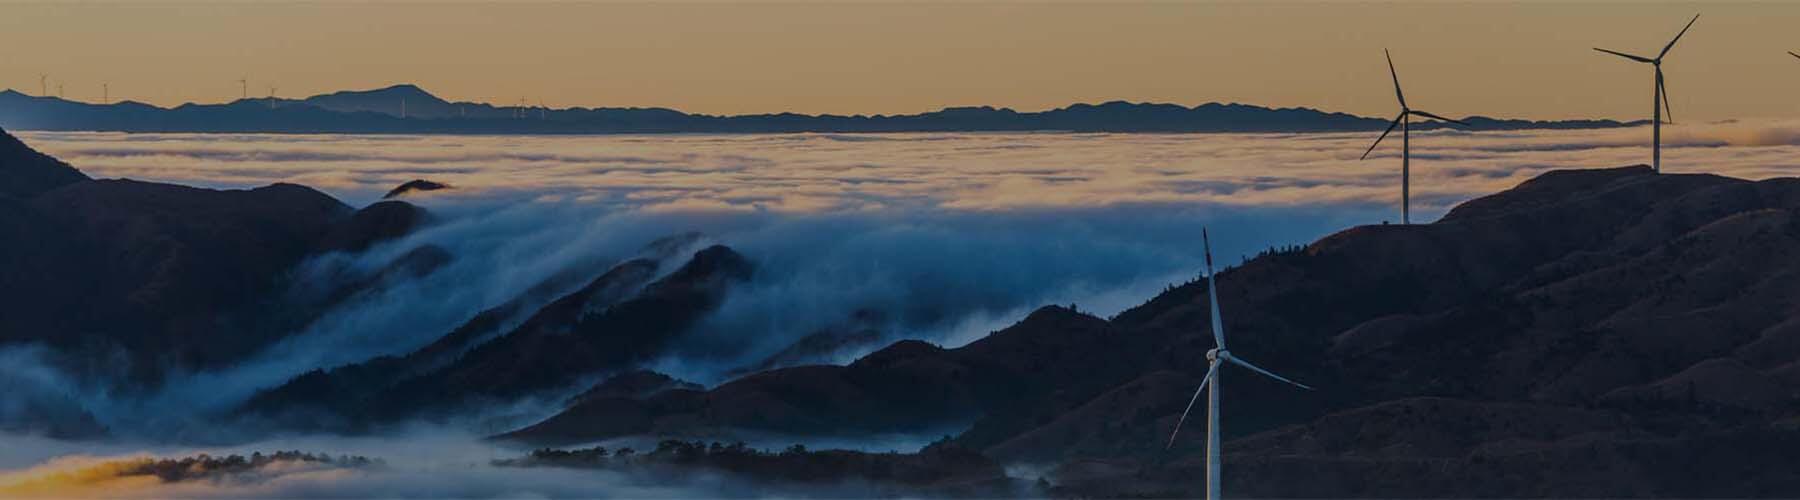 Colinas cobertas de nuvens e névoas. Entre as colinas há muitas turbinas eólicas